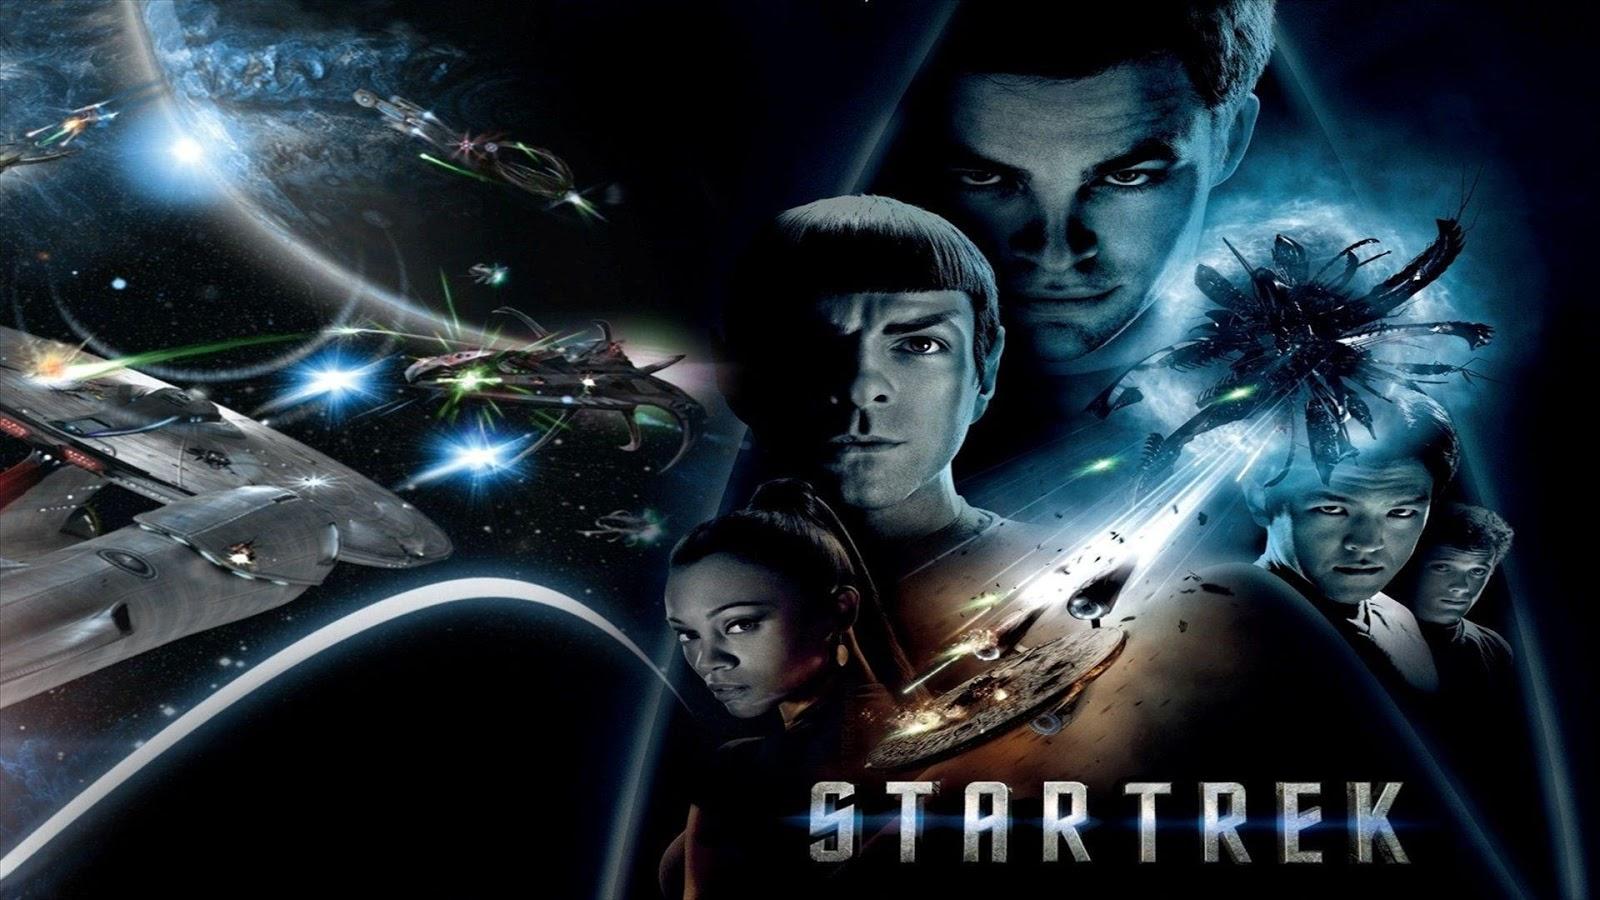 STAR TREK (2009) TAMIL DUBBED HD